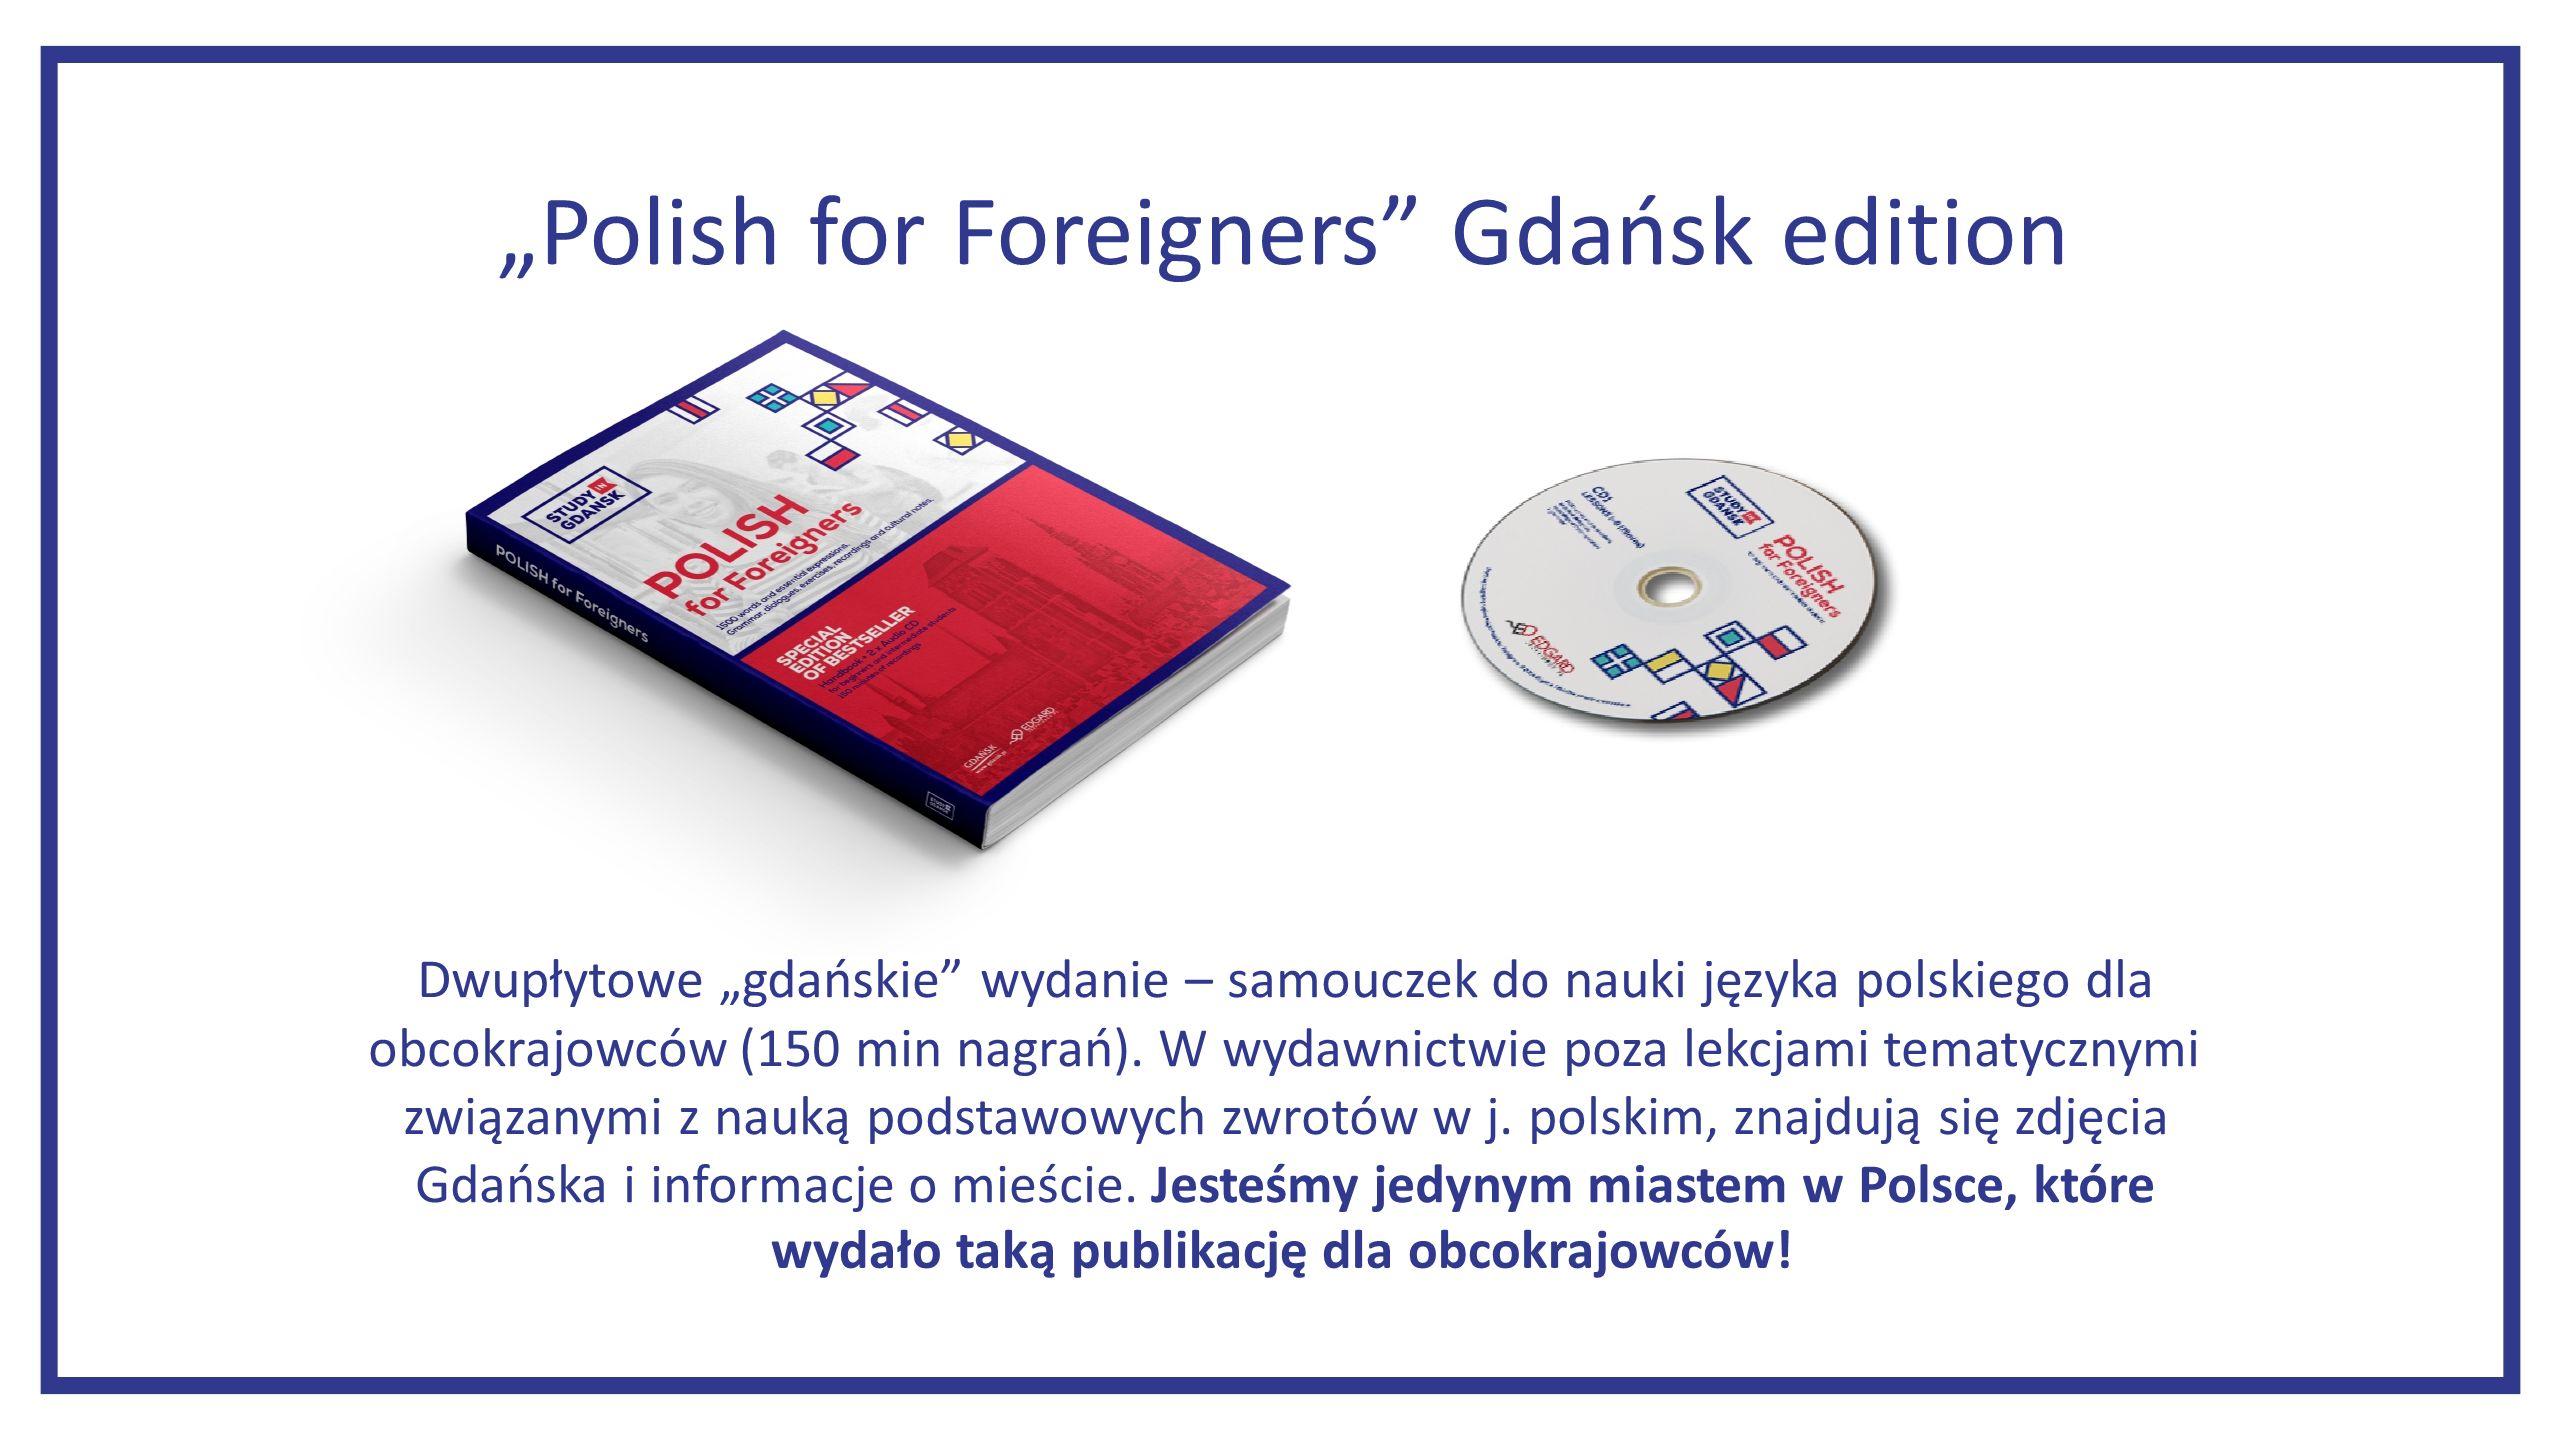 """""""Polish for Foreigners Gdańsk edition Dwupłytowe """"gdańskie wydanie – samouczek do nauki języka polskiego dla obcokrajowców (150 min nagrań)."""